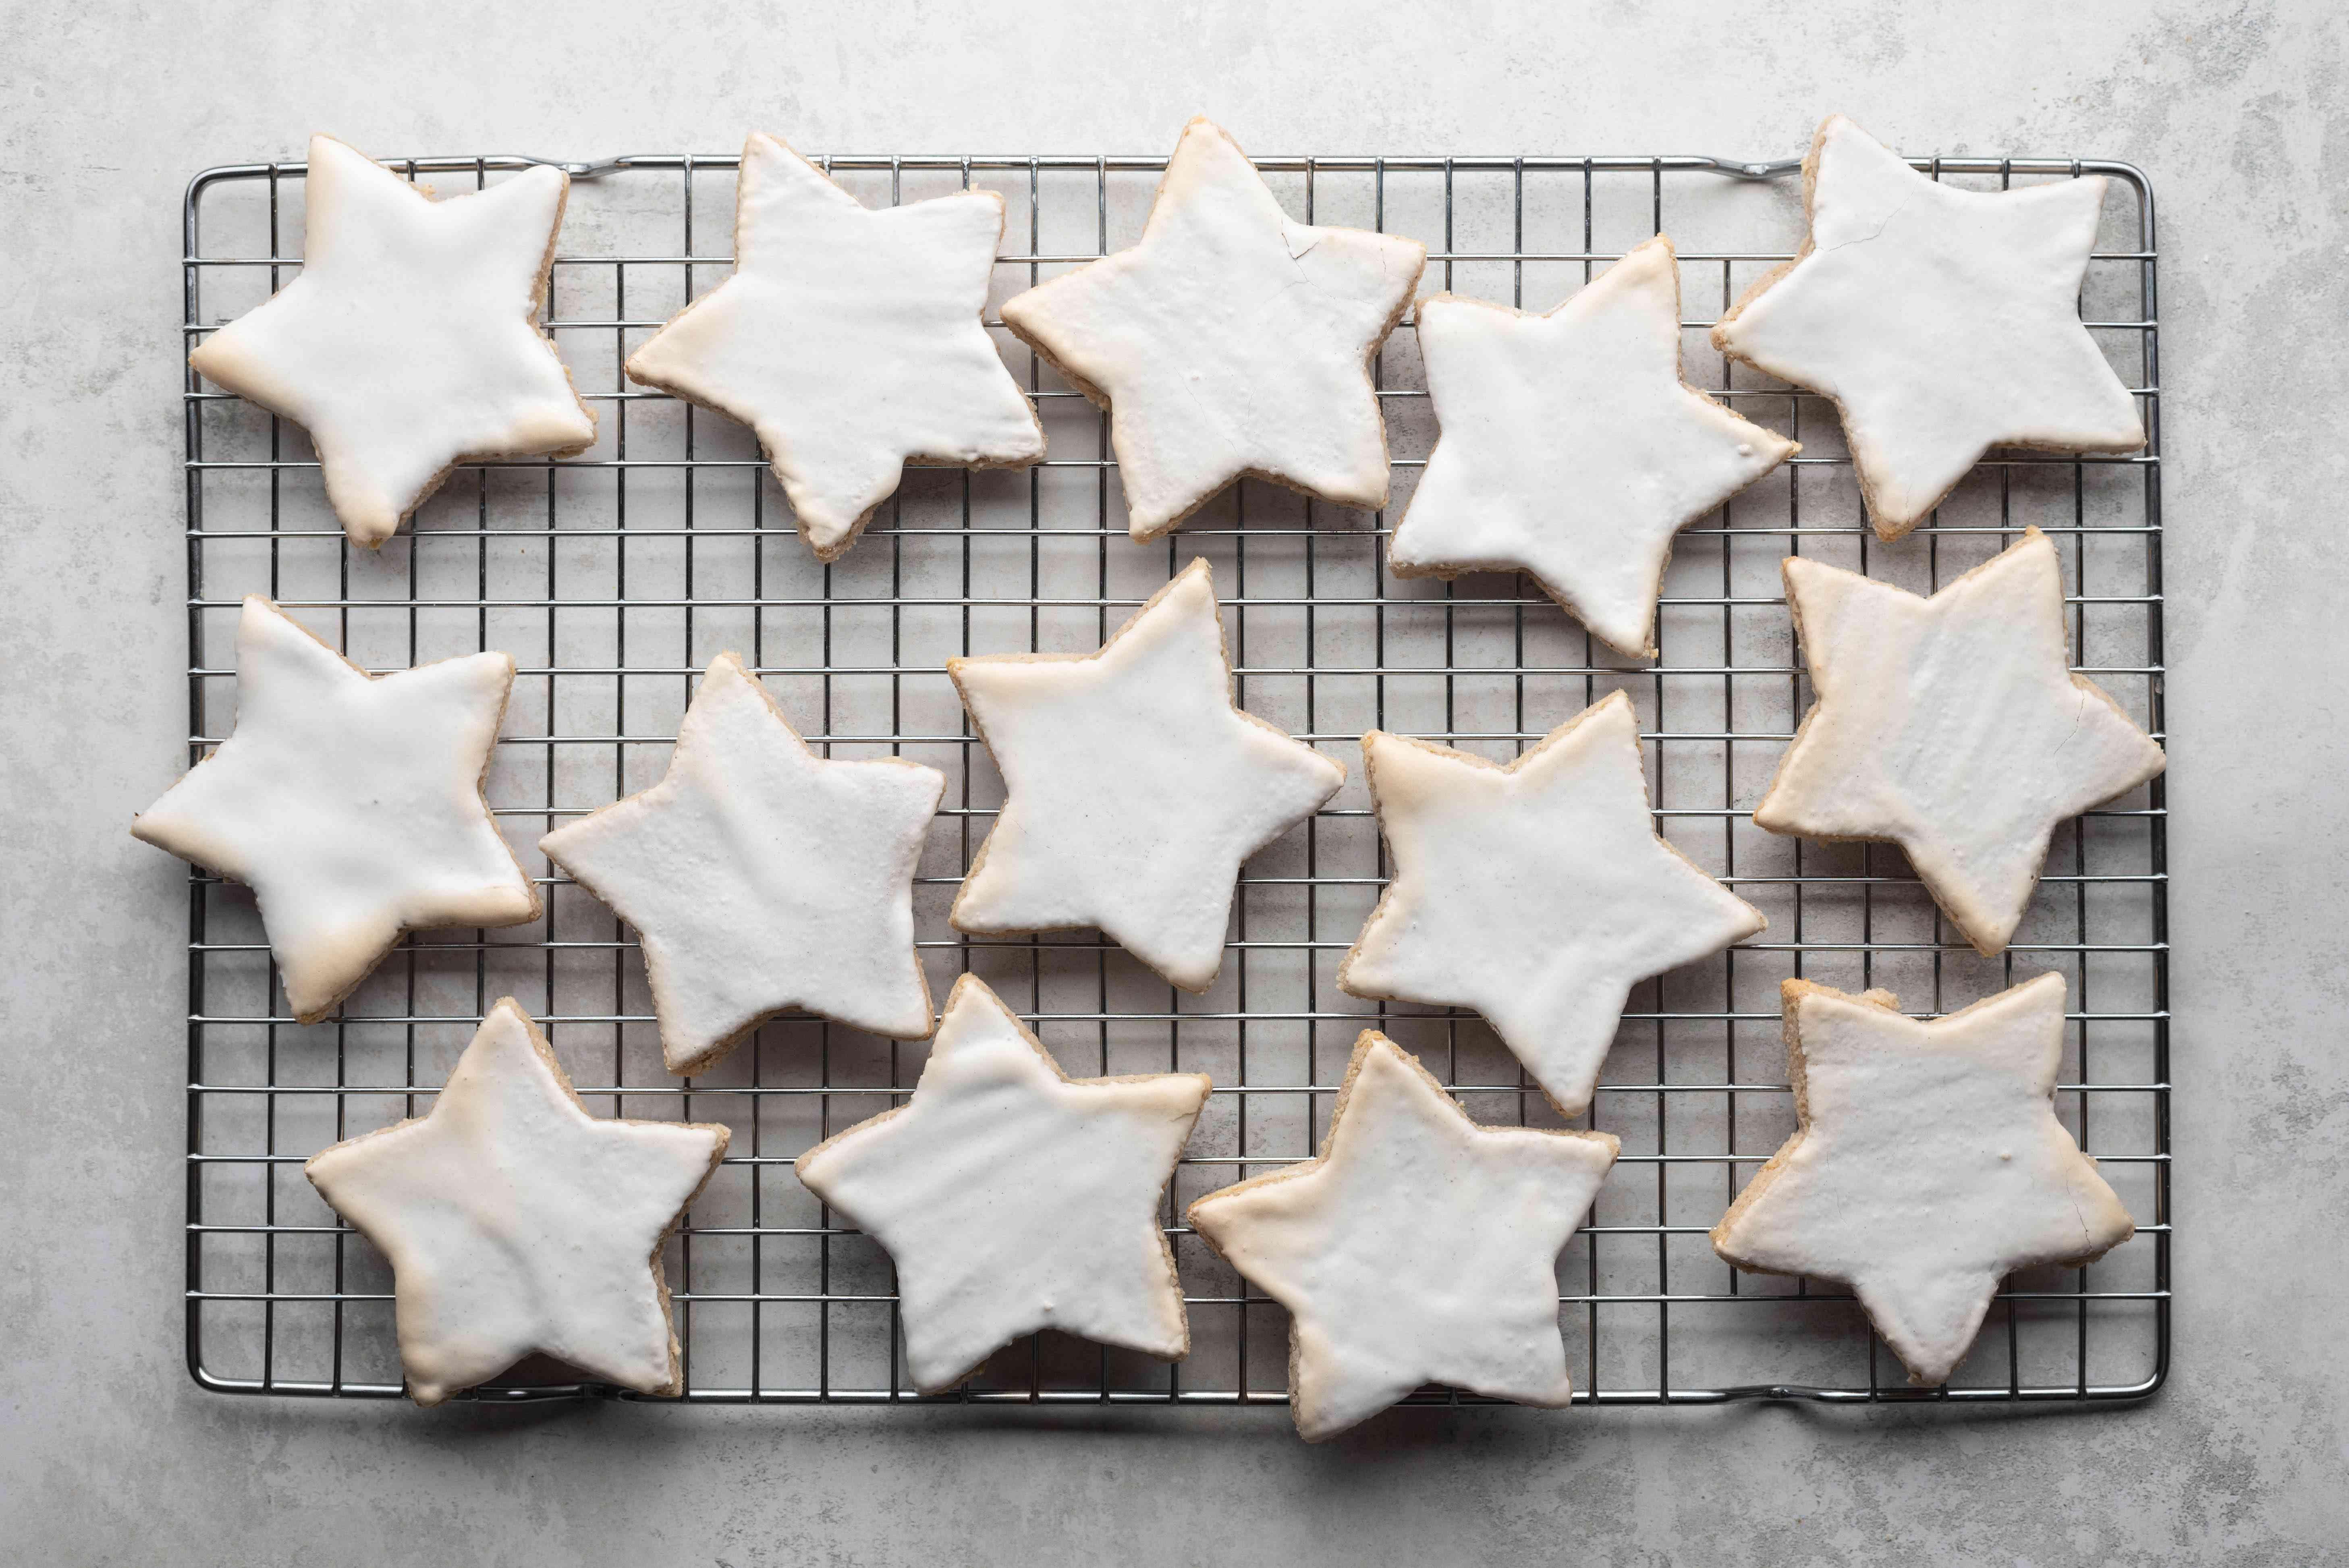 German Cinnamon Star Christmas Cookies (Zimtsterne) on a cooling rack